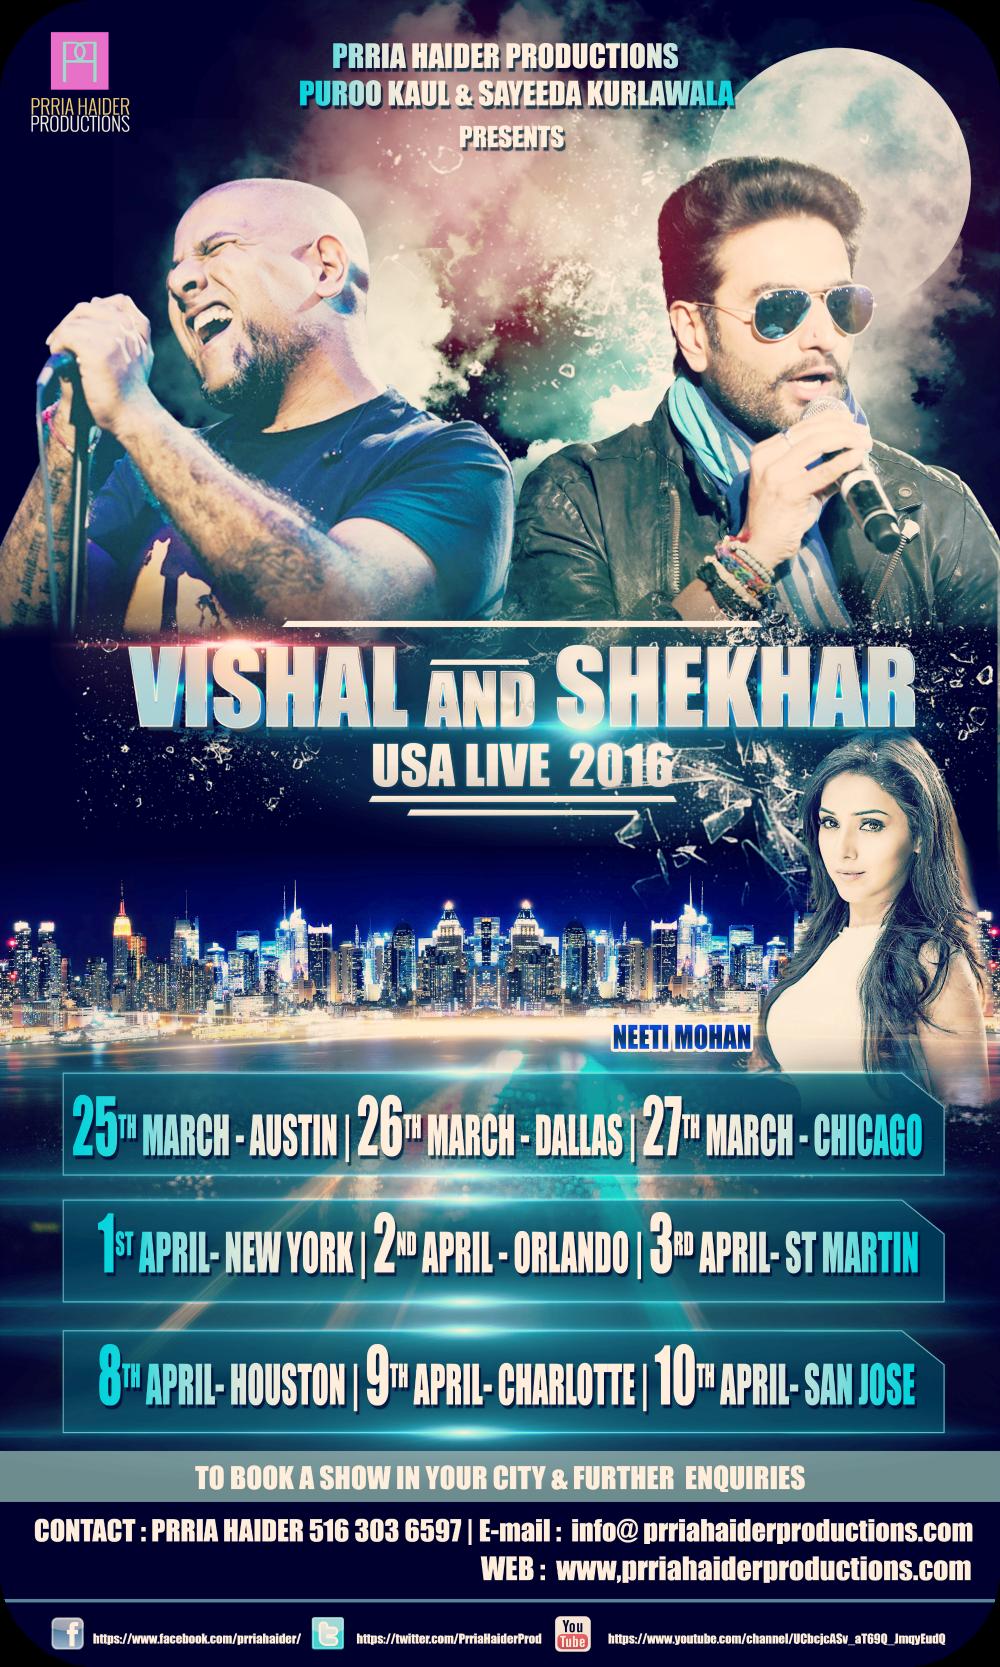 9 cities vishal and shekhar edited.png